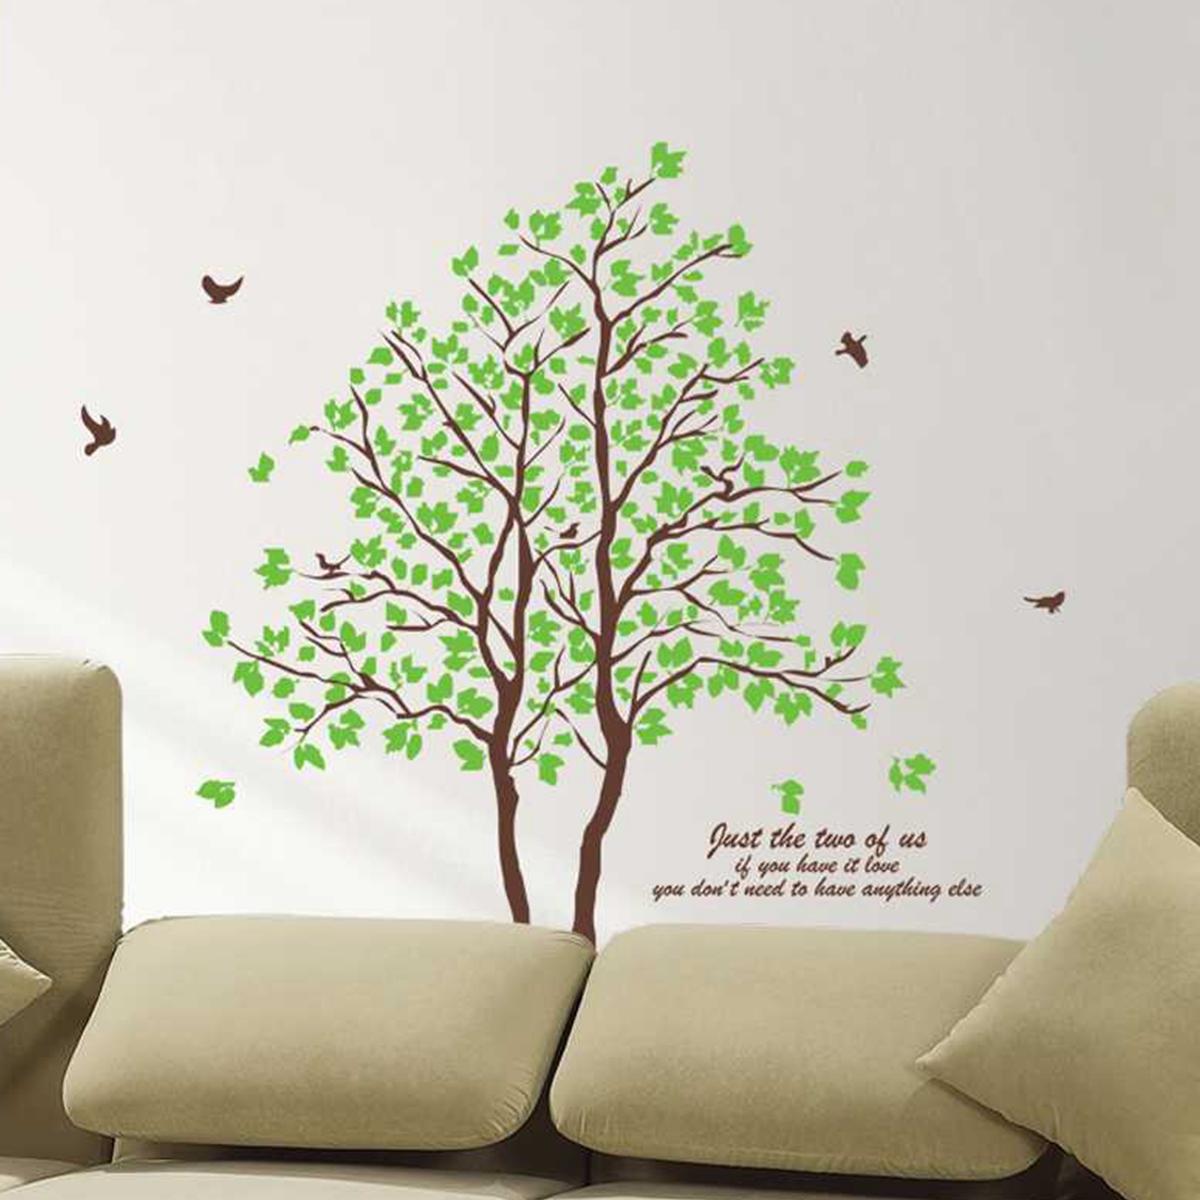 Arbre amoureux sticker mural autocollant d coration maison for Autocollant mural arbre